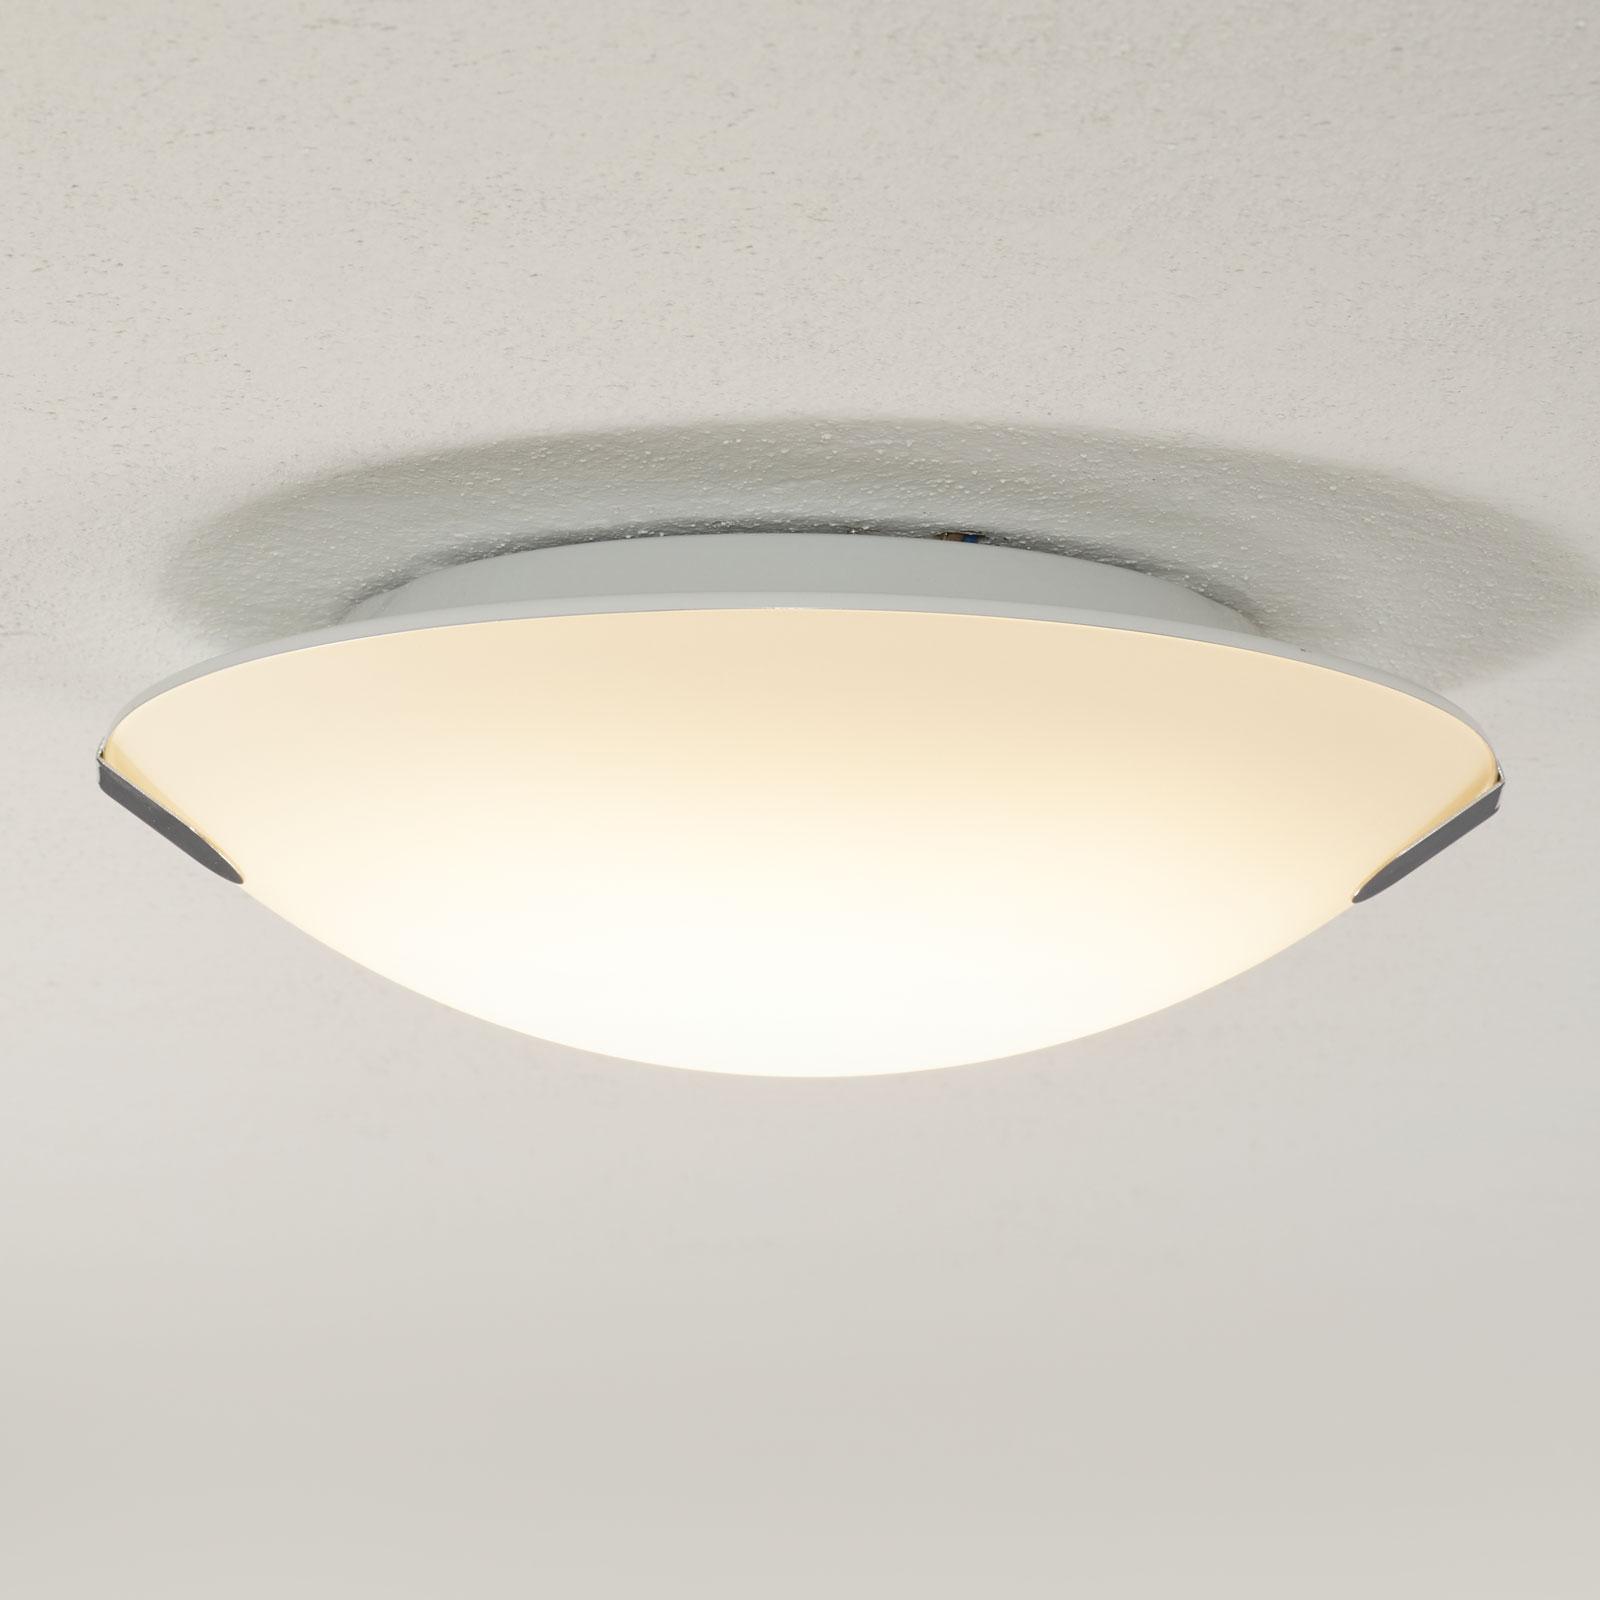 Arcchio Telie LED plafondlamp Ø 30 cm